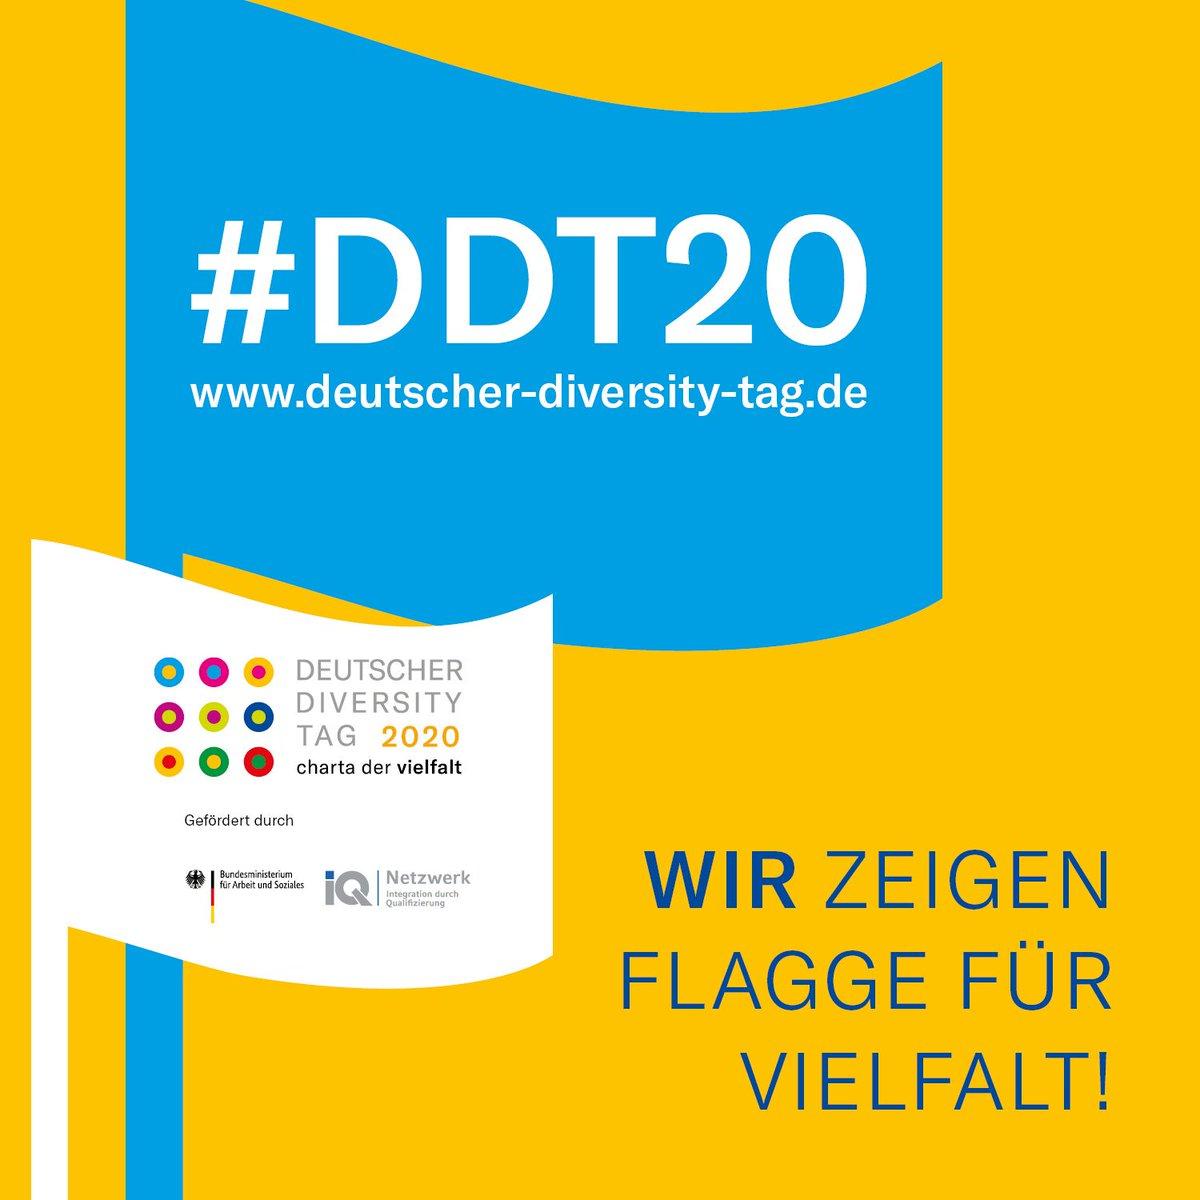 #DDT20